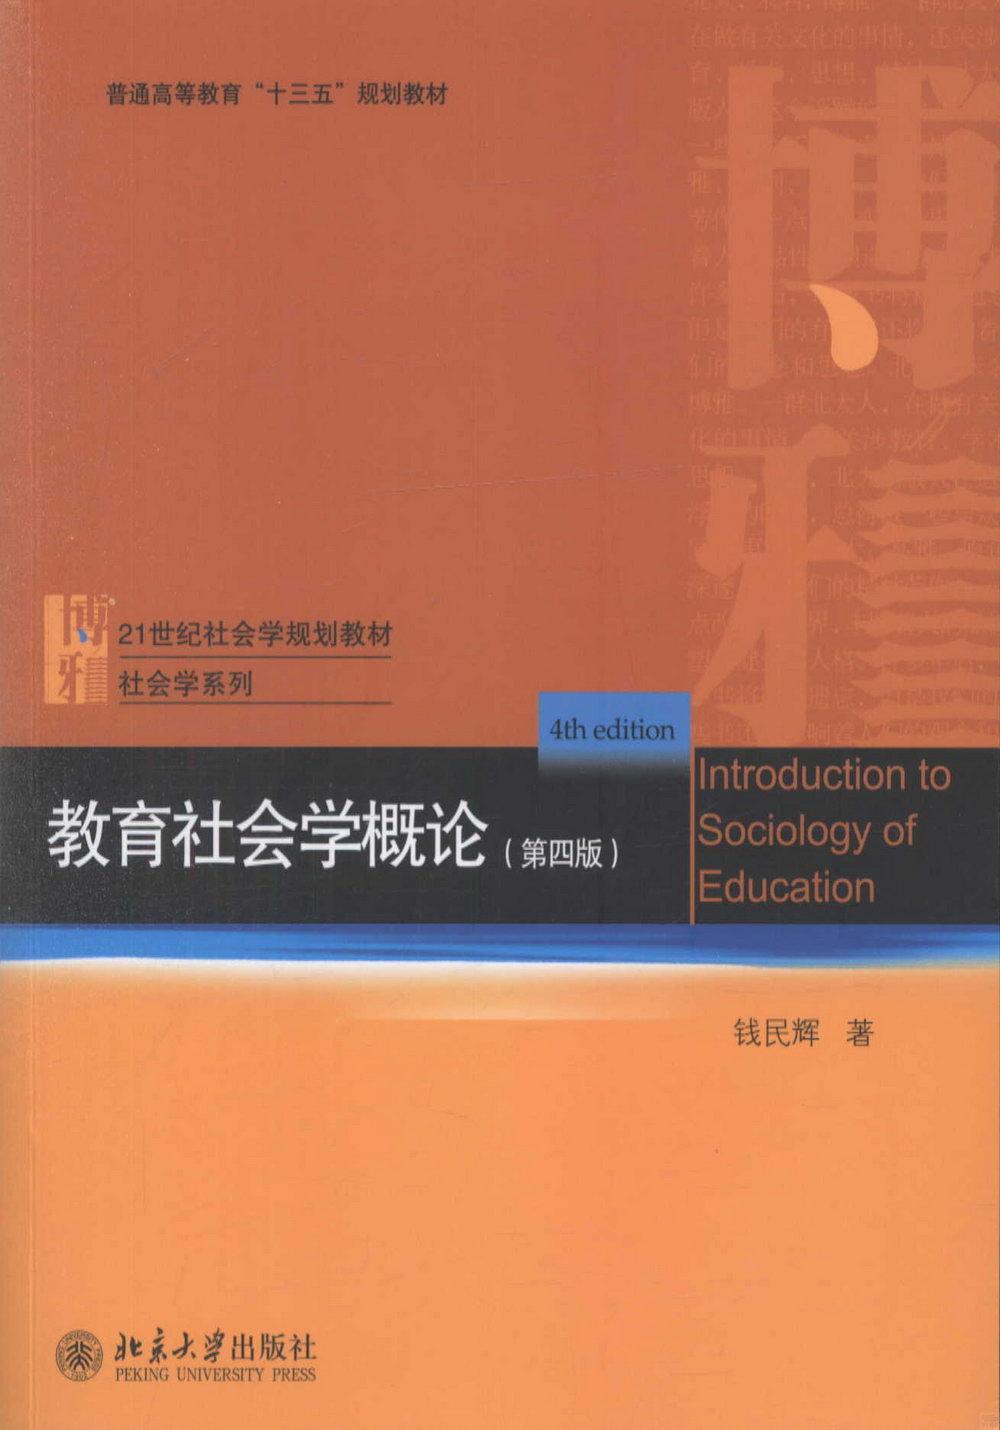 教育社會學概論(第四版)